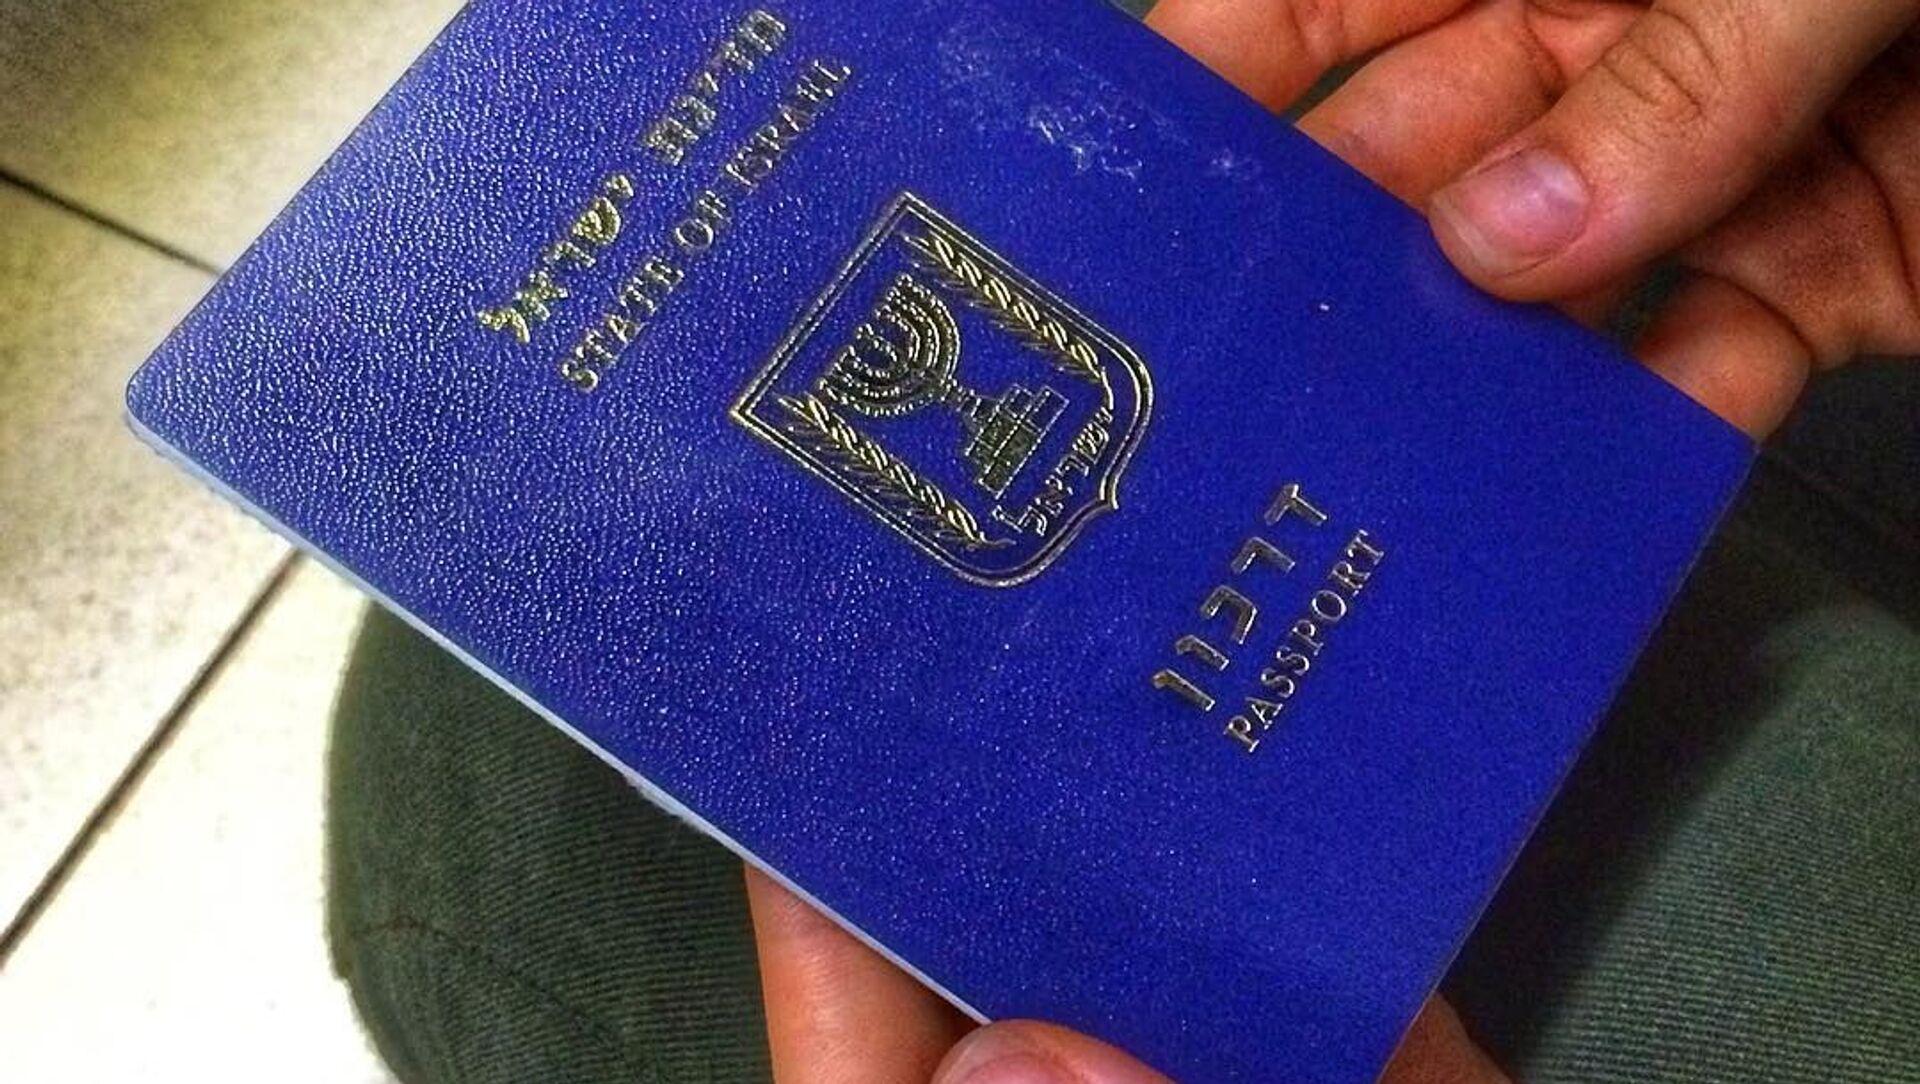 Paszport obywatela Izraela - Sputnik Polska, 1920, 30.05.2021